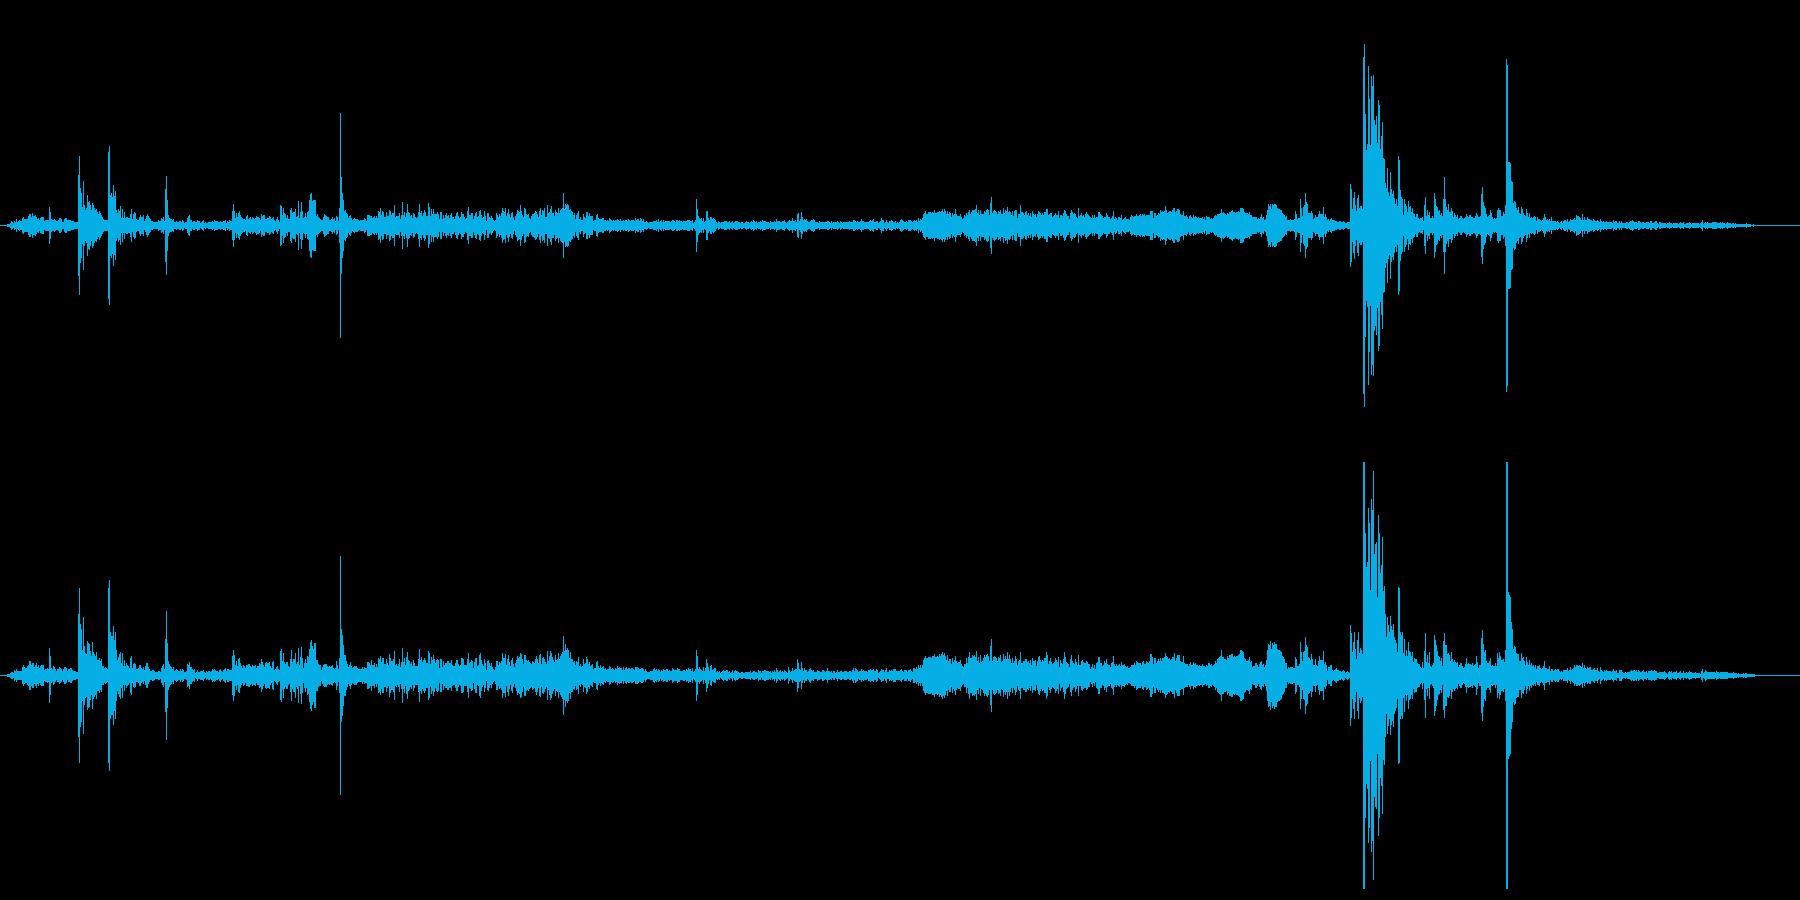 古びた扉を開ける音(さび付いた蝶番)の再生済みの波形